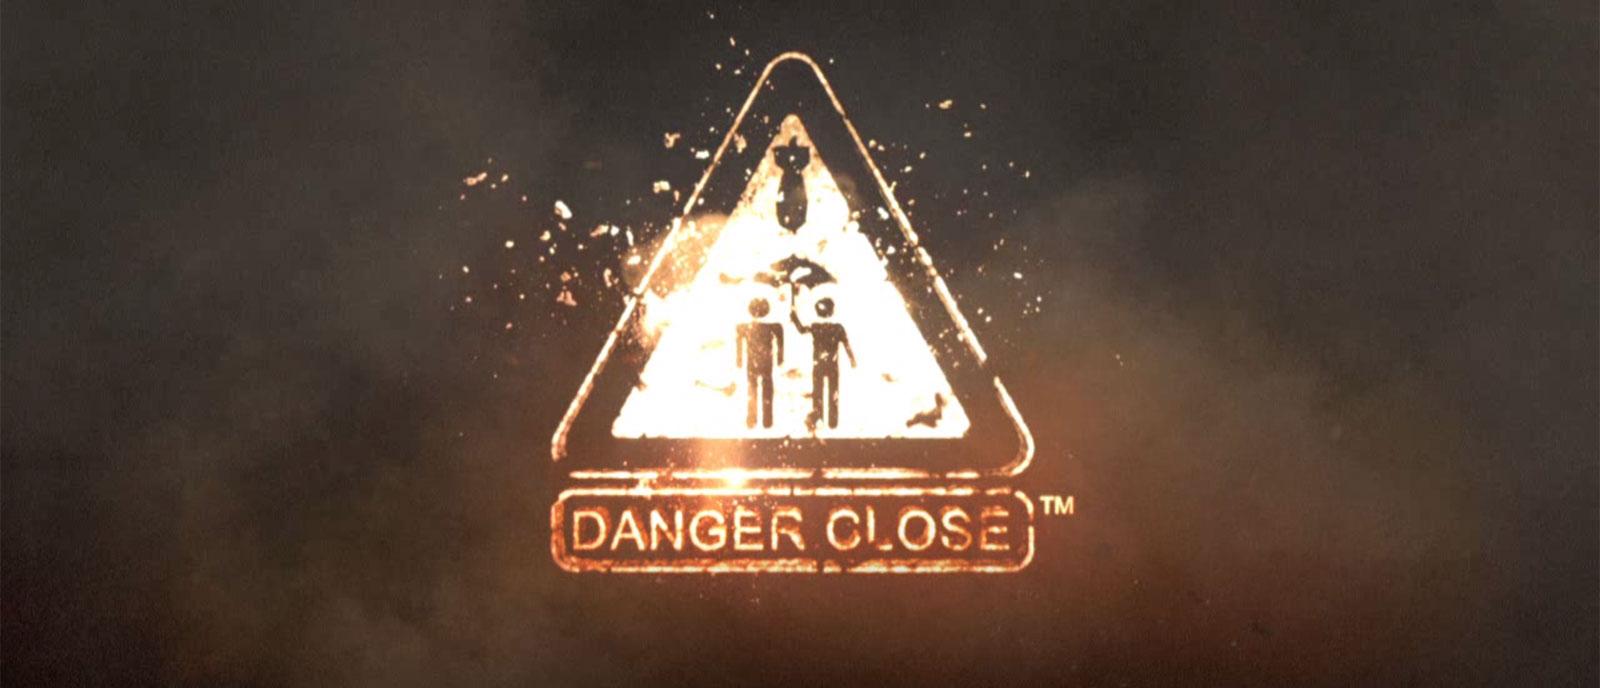 danger close online fps mod apk